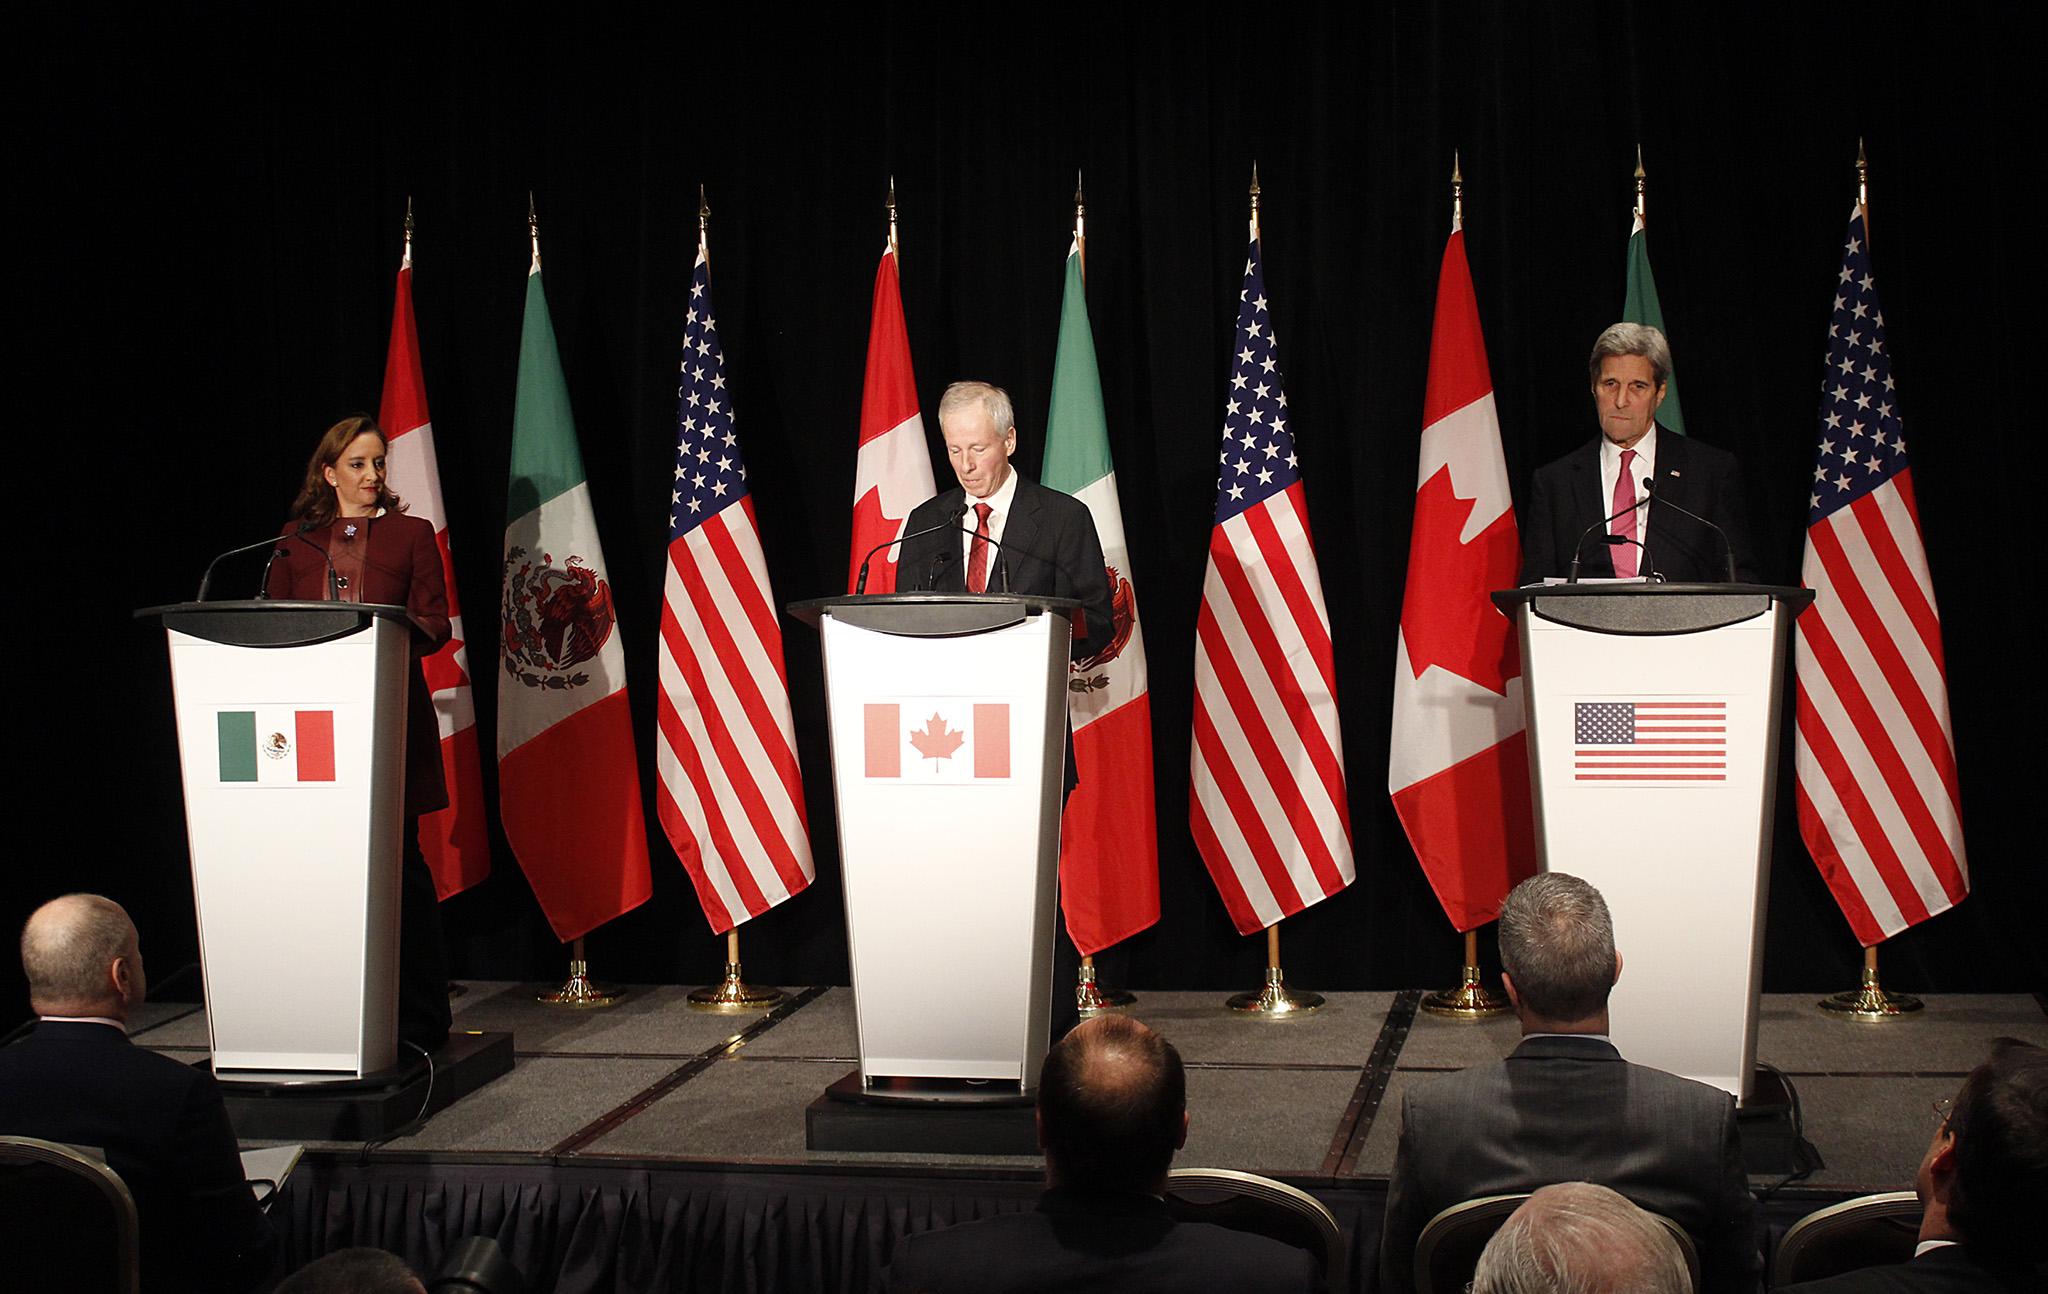 FOTO 1 Conferencia de la Canciller Claudia Ruiz Massieu con sus hom logos de Estados Unidos y Canad   John Kerry y St phan Dionjpg